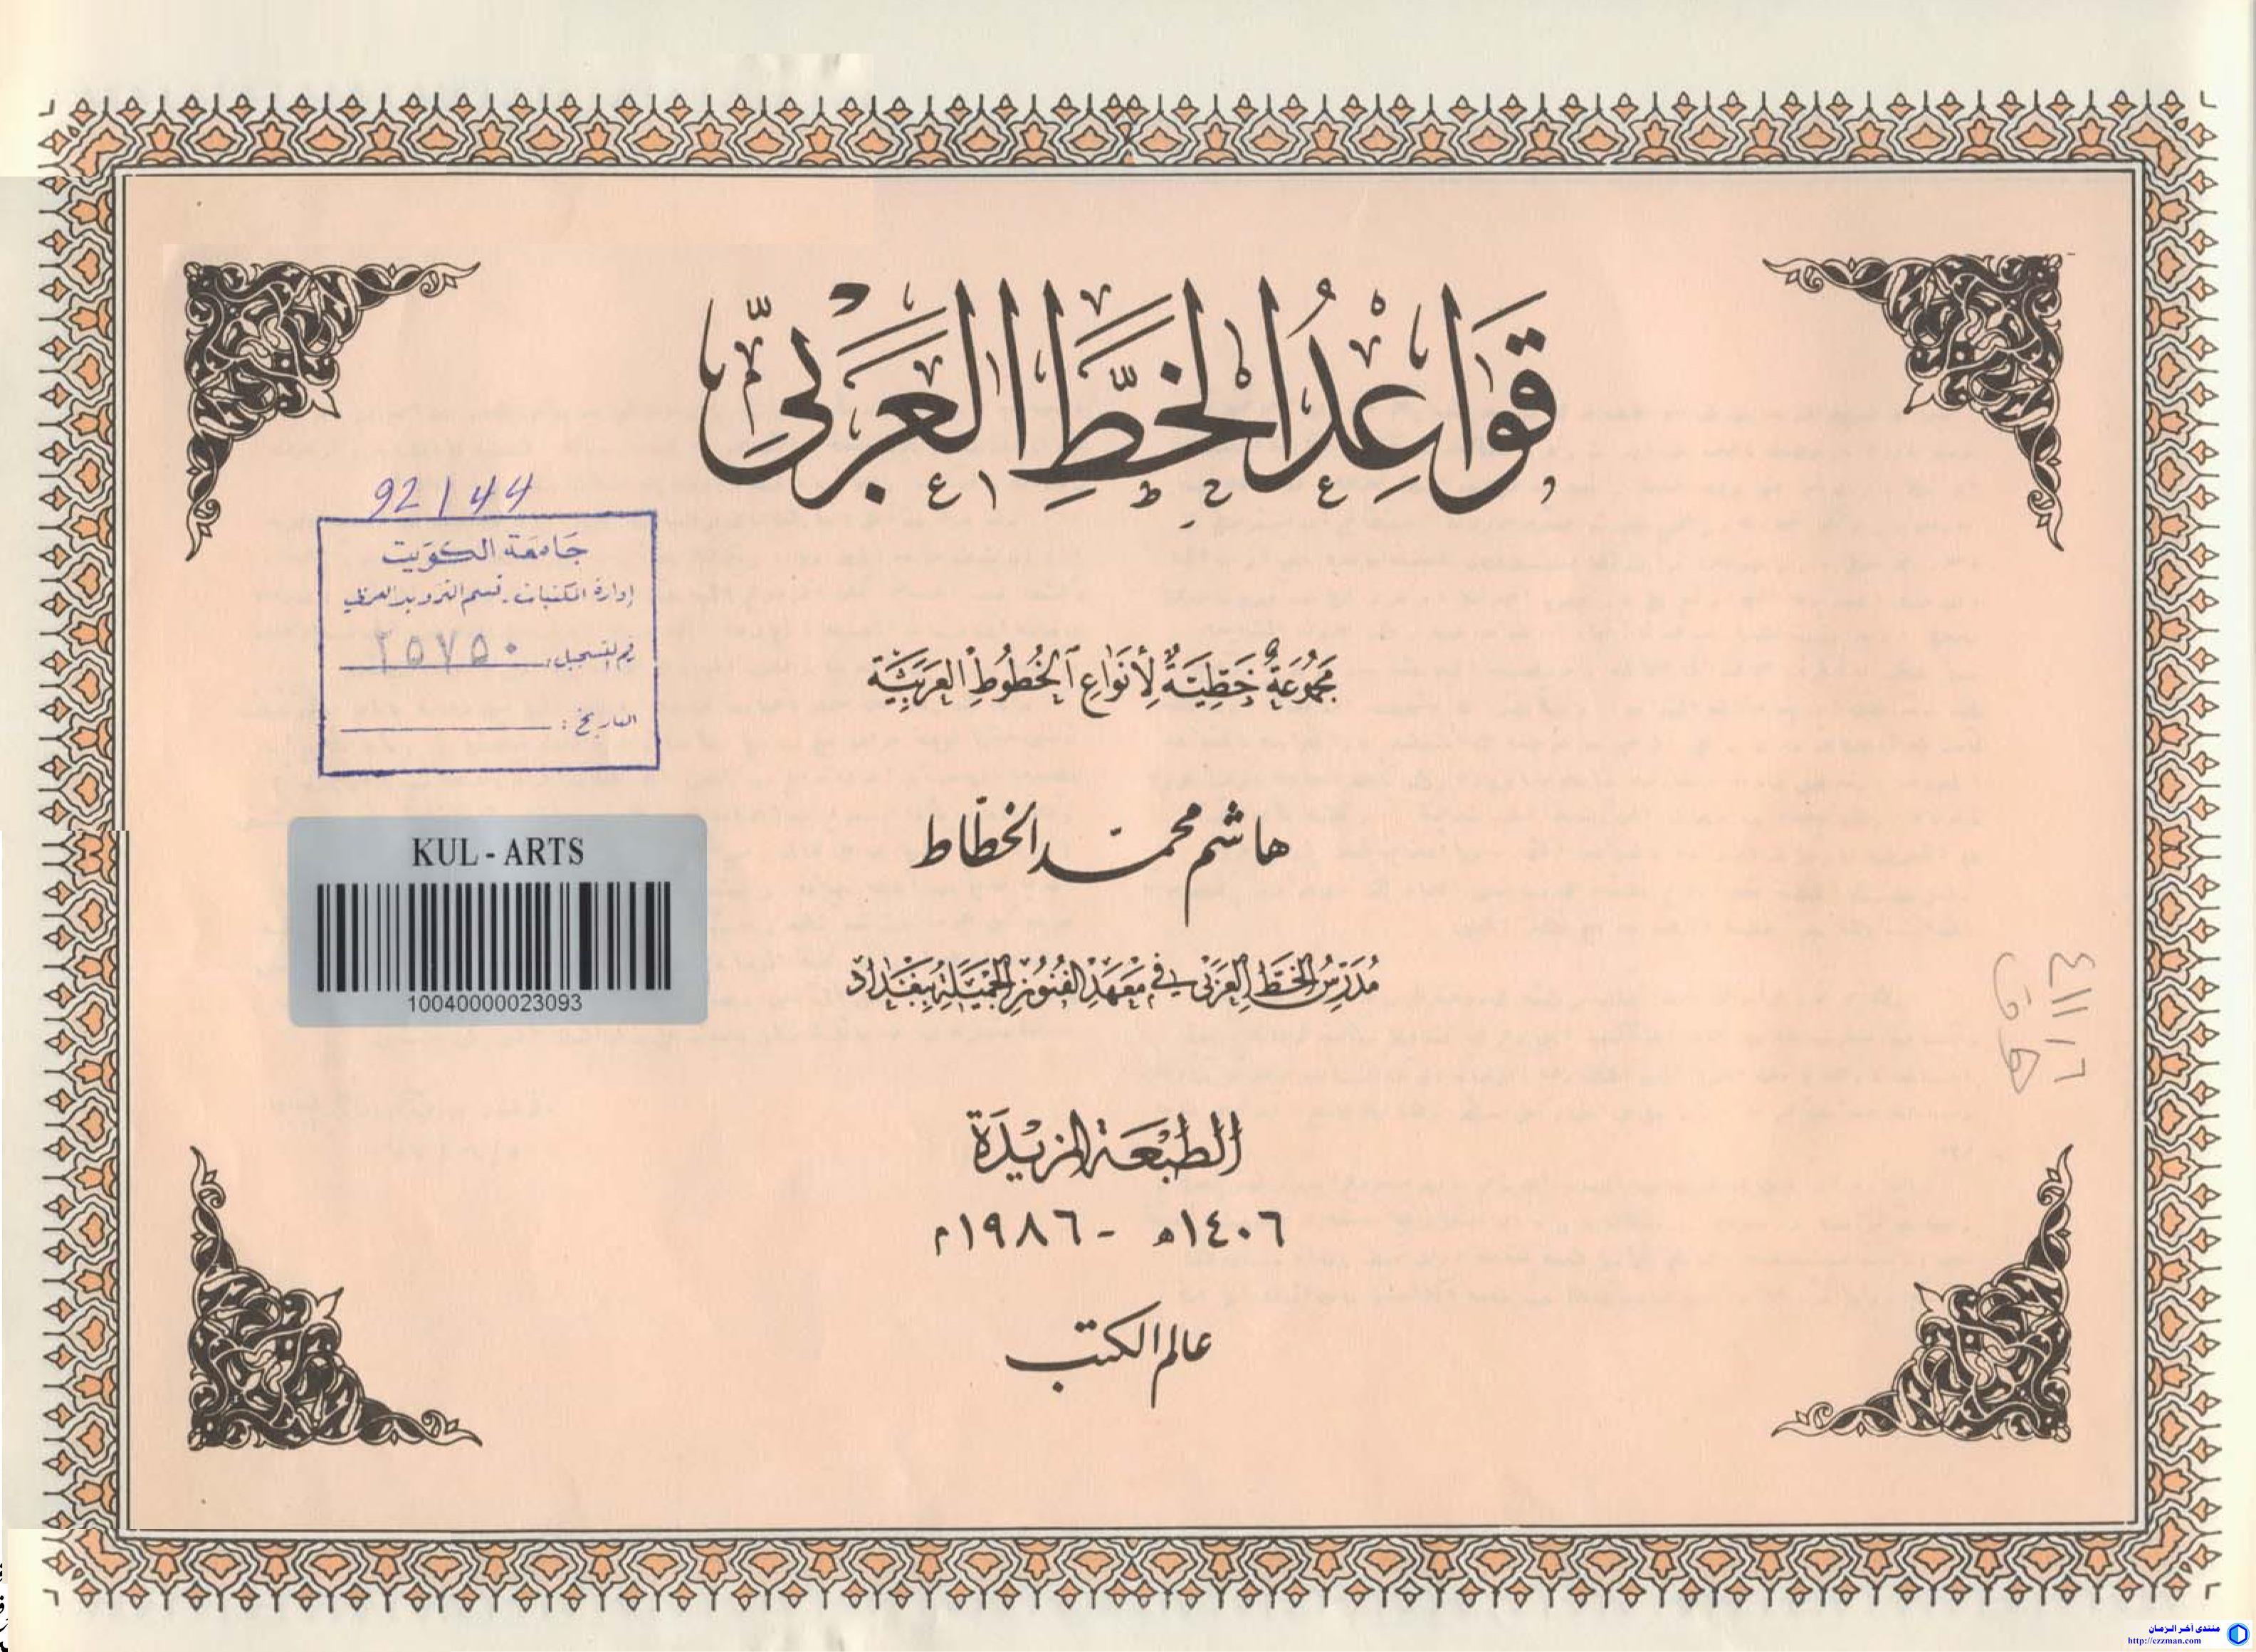 قواعد الخط العربي هاشم محمد